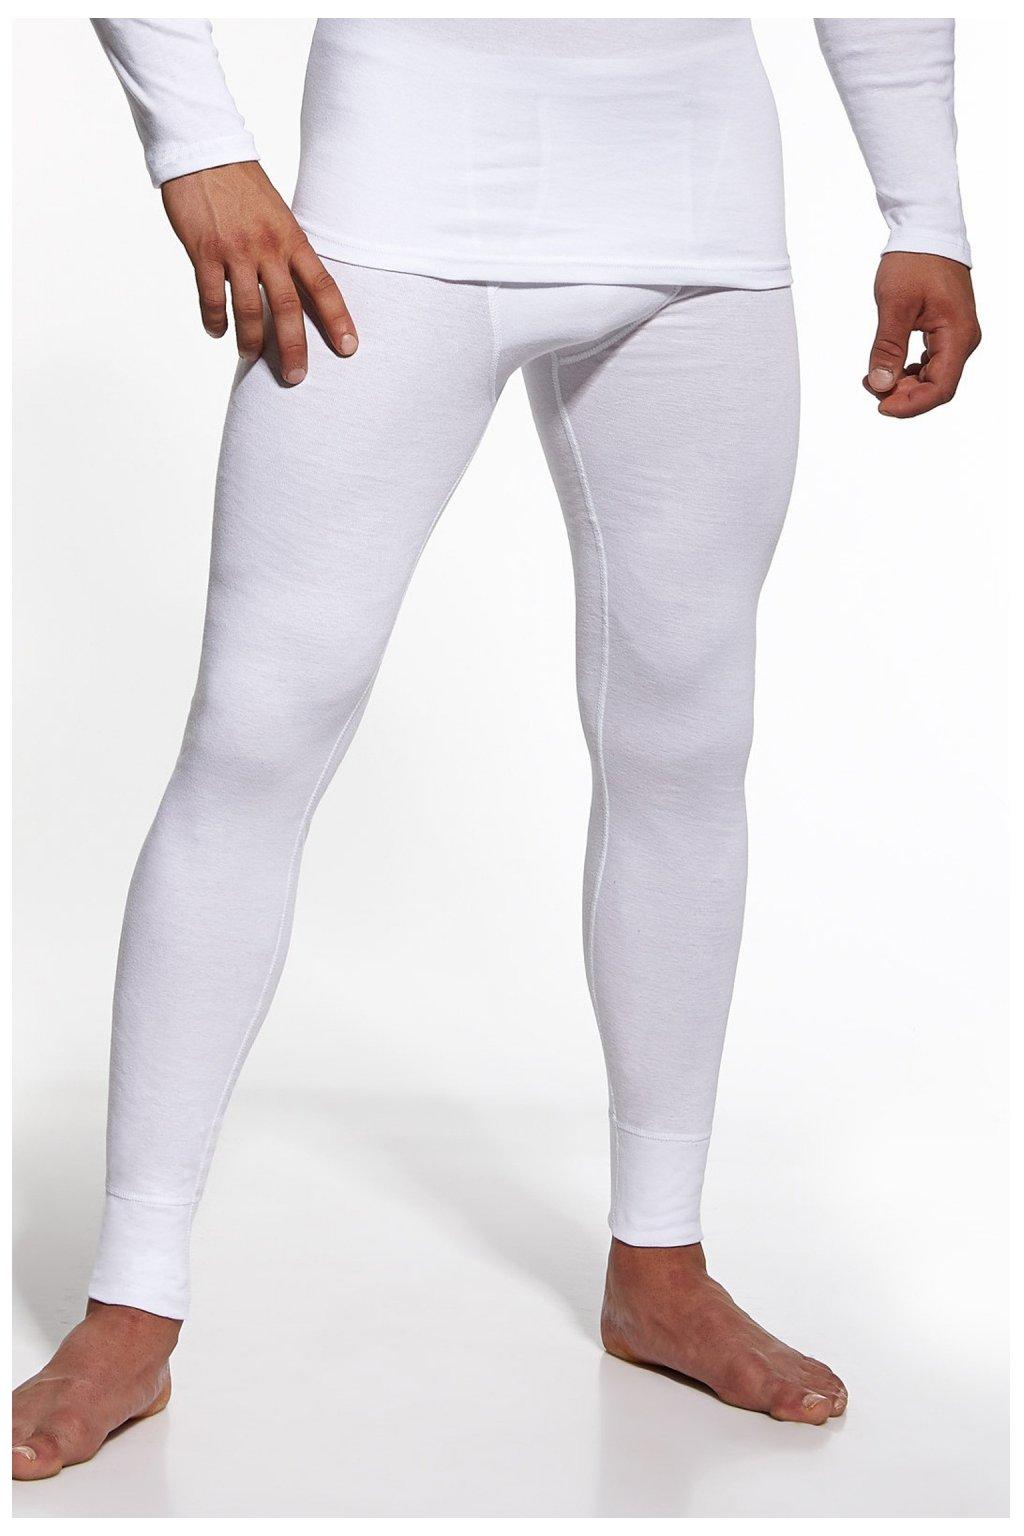 Pánské podvlékací kalhoty Authentic white